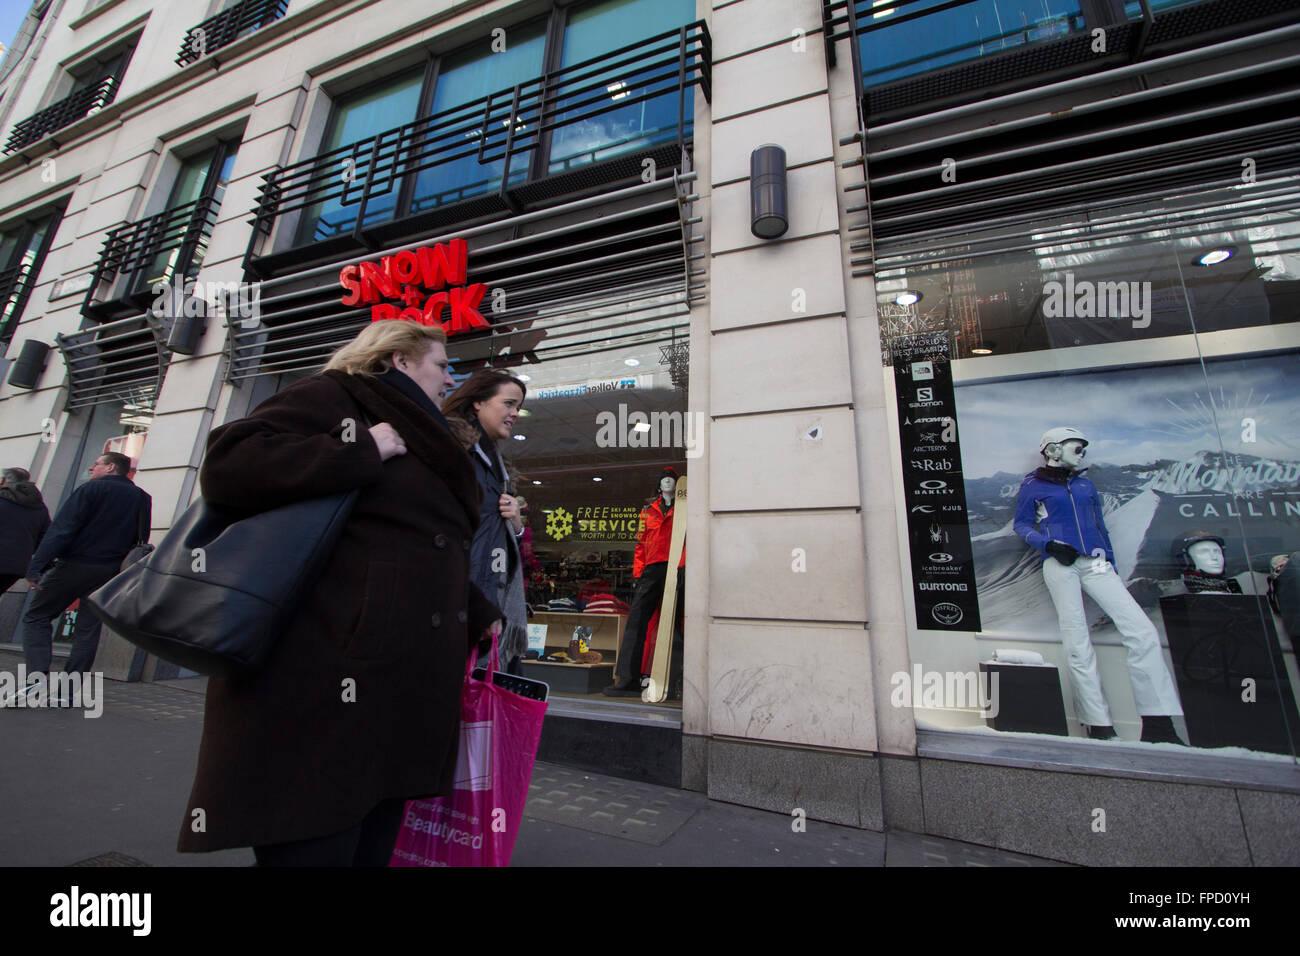 Neve e roccia outdoor sports retail outlet, London, Regno Unito Immagini Stock